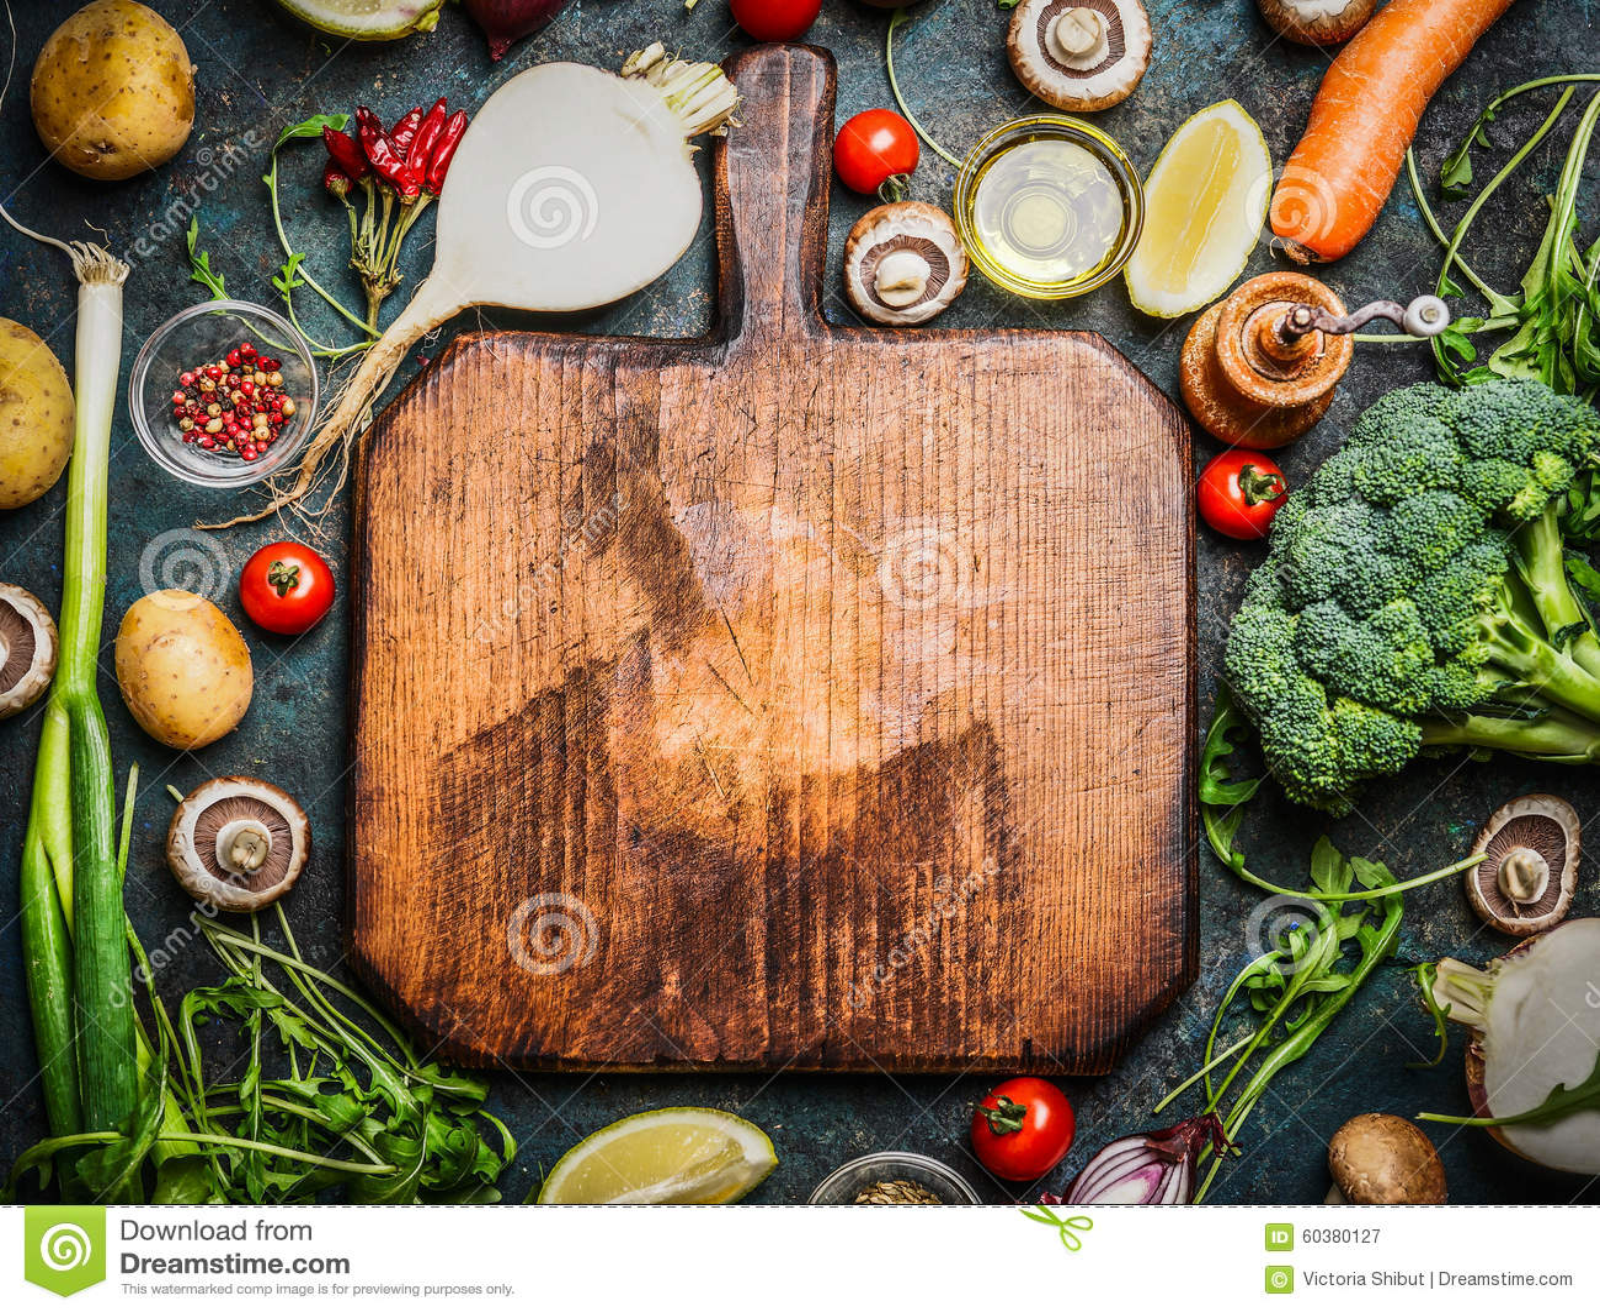 Frischgemüse und Bestandteile für das Kochen um Weinleseschneidebrett auf rustikalem Hintergrund, Draufsicht, Platz für Text